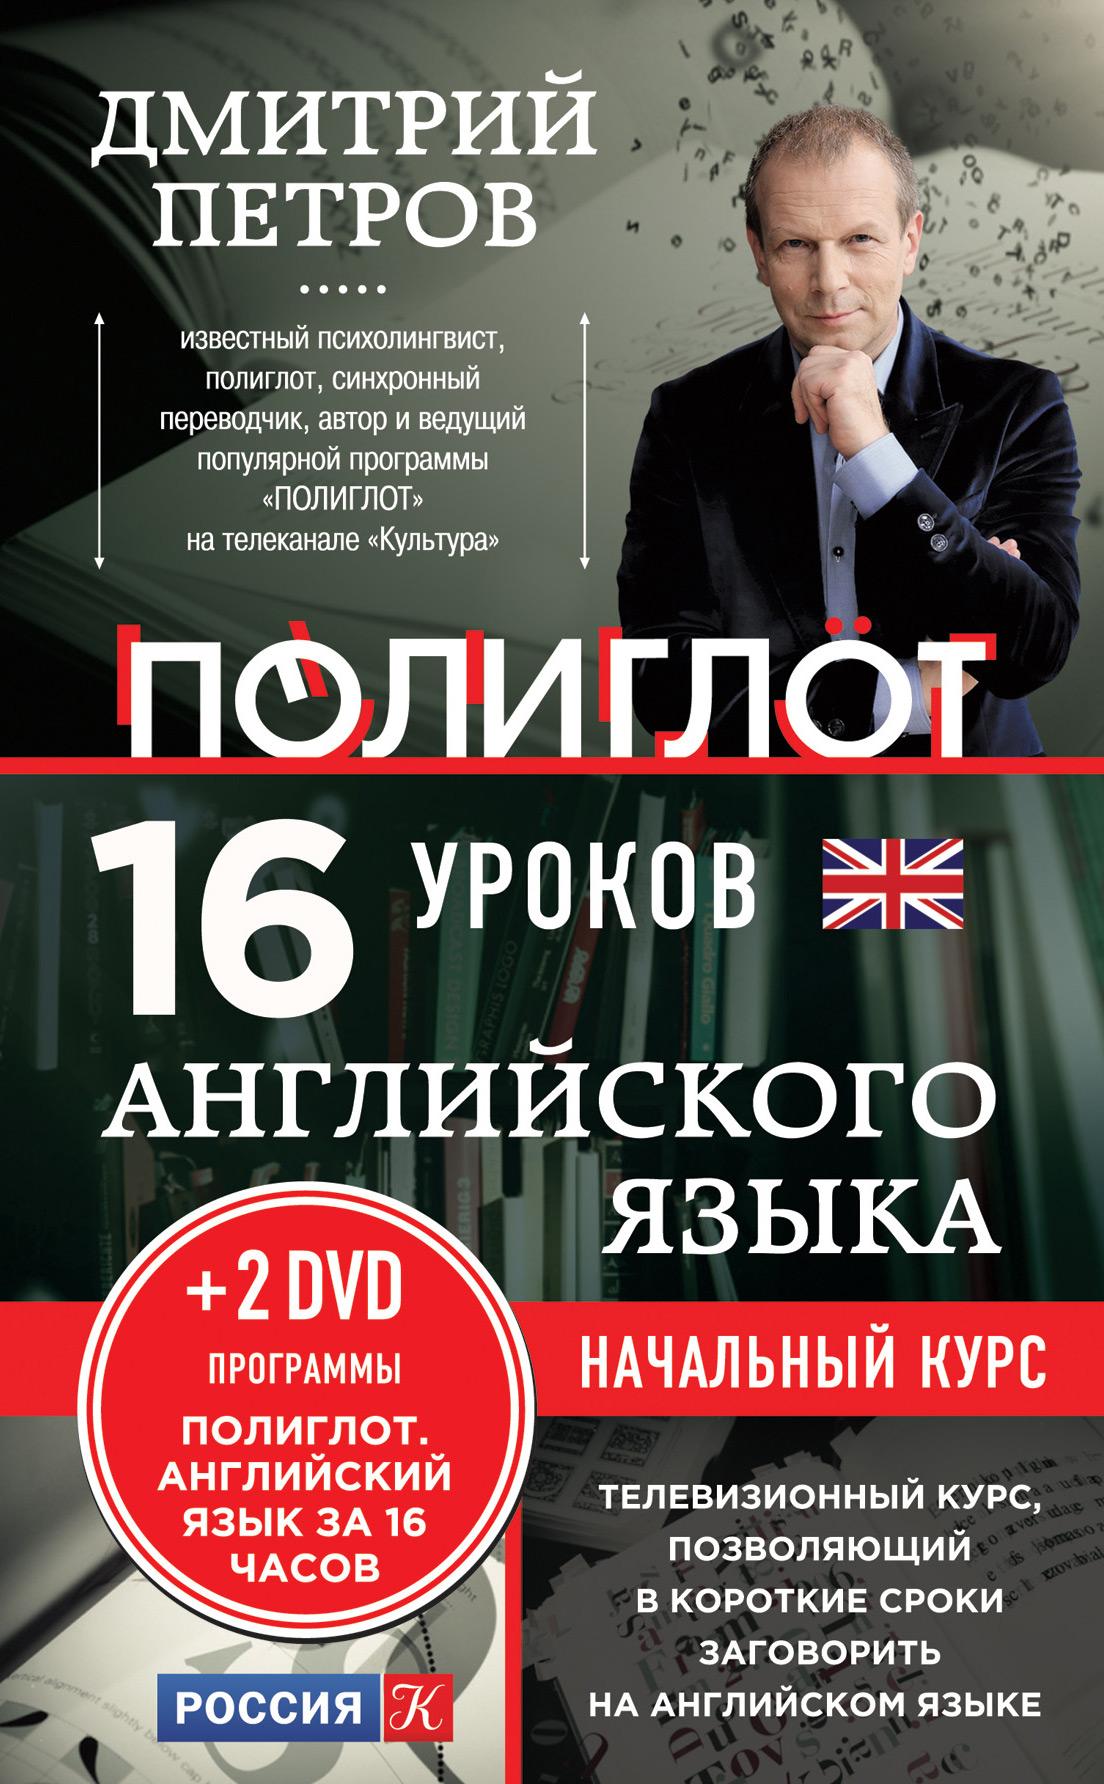 Дмитрий Петров 16 уроков английского языка. Начальный курс петров д 16 уроков английского языка начальный курс 2dvd полиглот английский язык за 16 часов